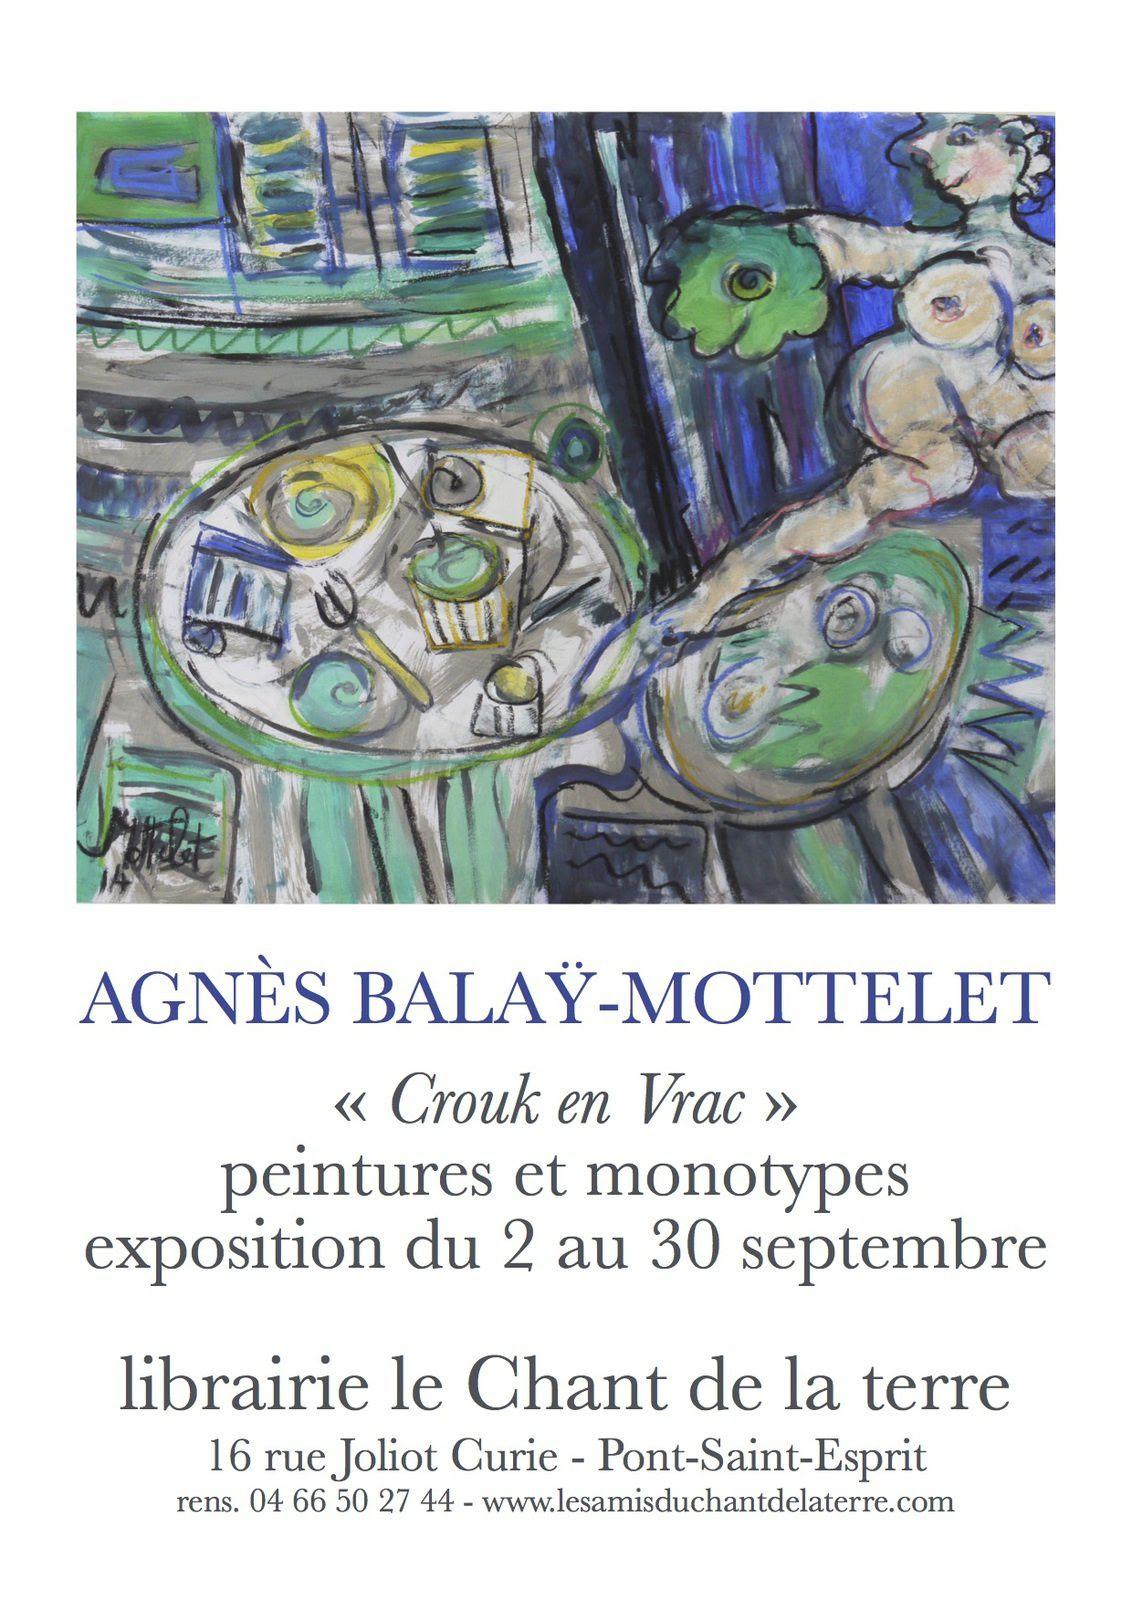 Septembre : Exposition Agnès Balaÿ-Mottelet